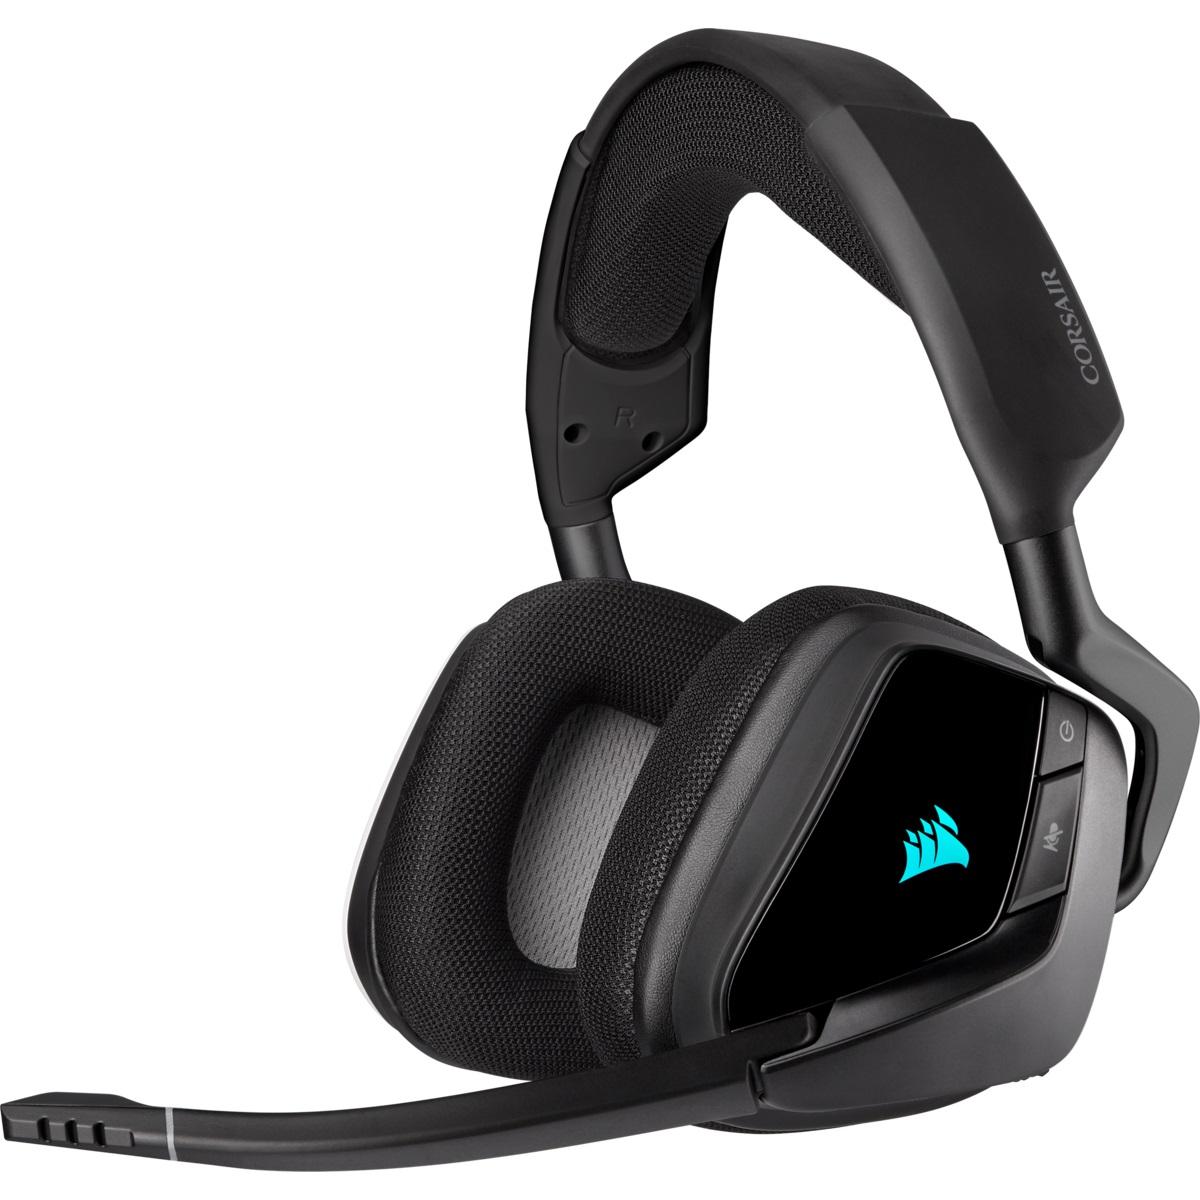 Tai nghe Corsair VOID RGB ELITE Wireless 7.1 - Carbon - Hàng Chính Hãng